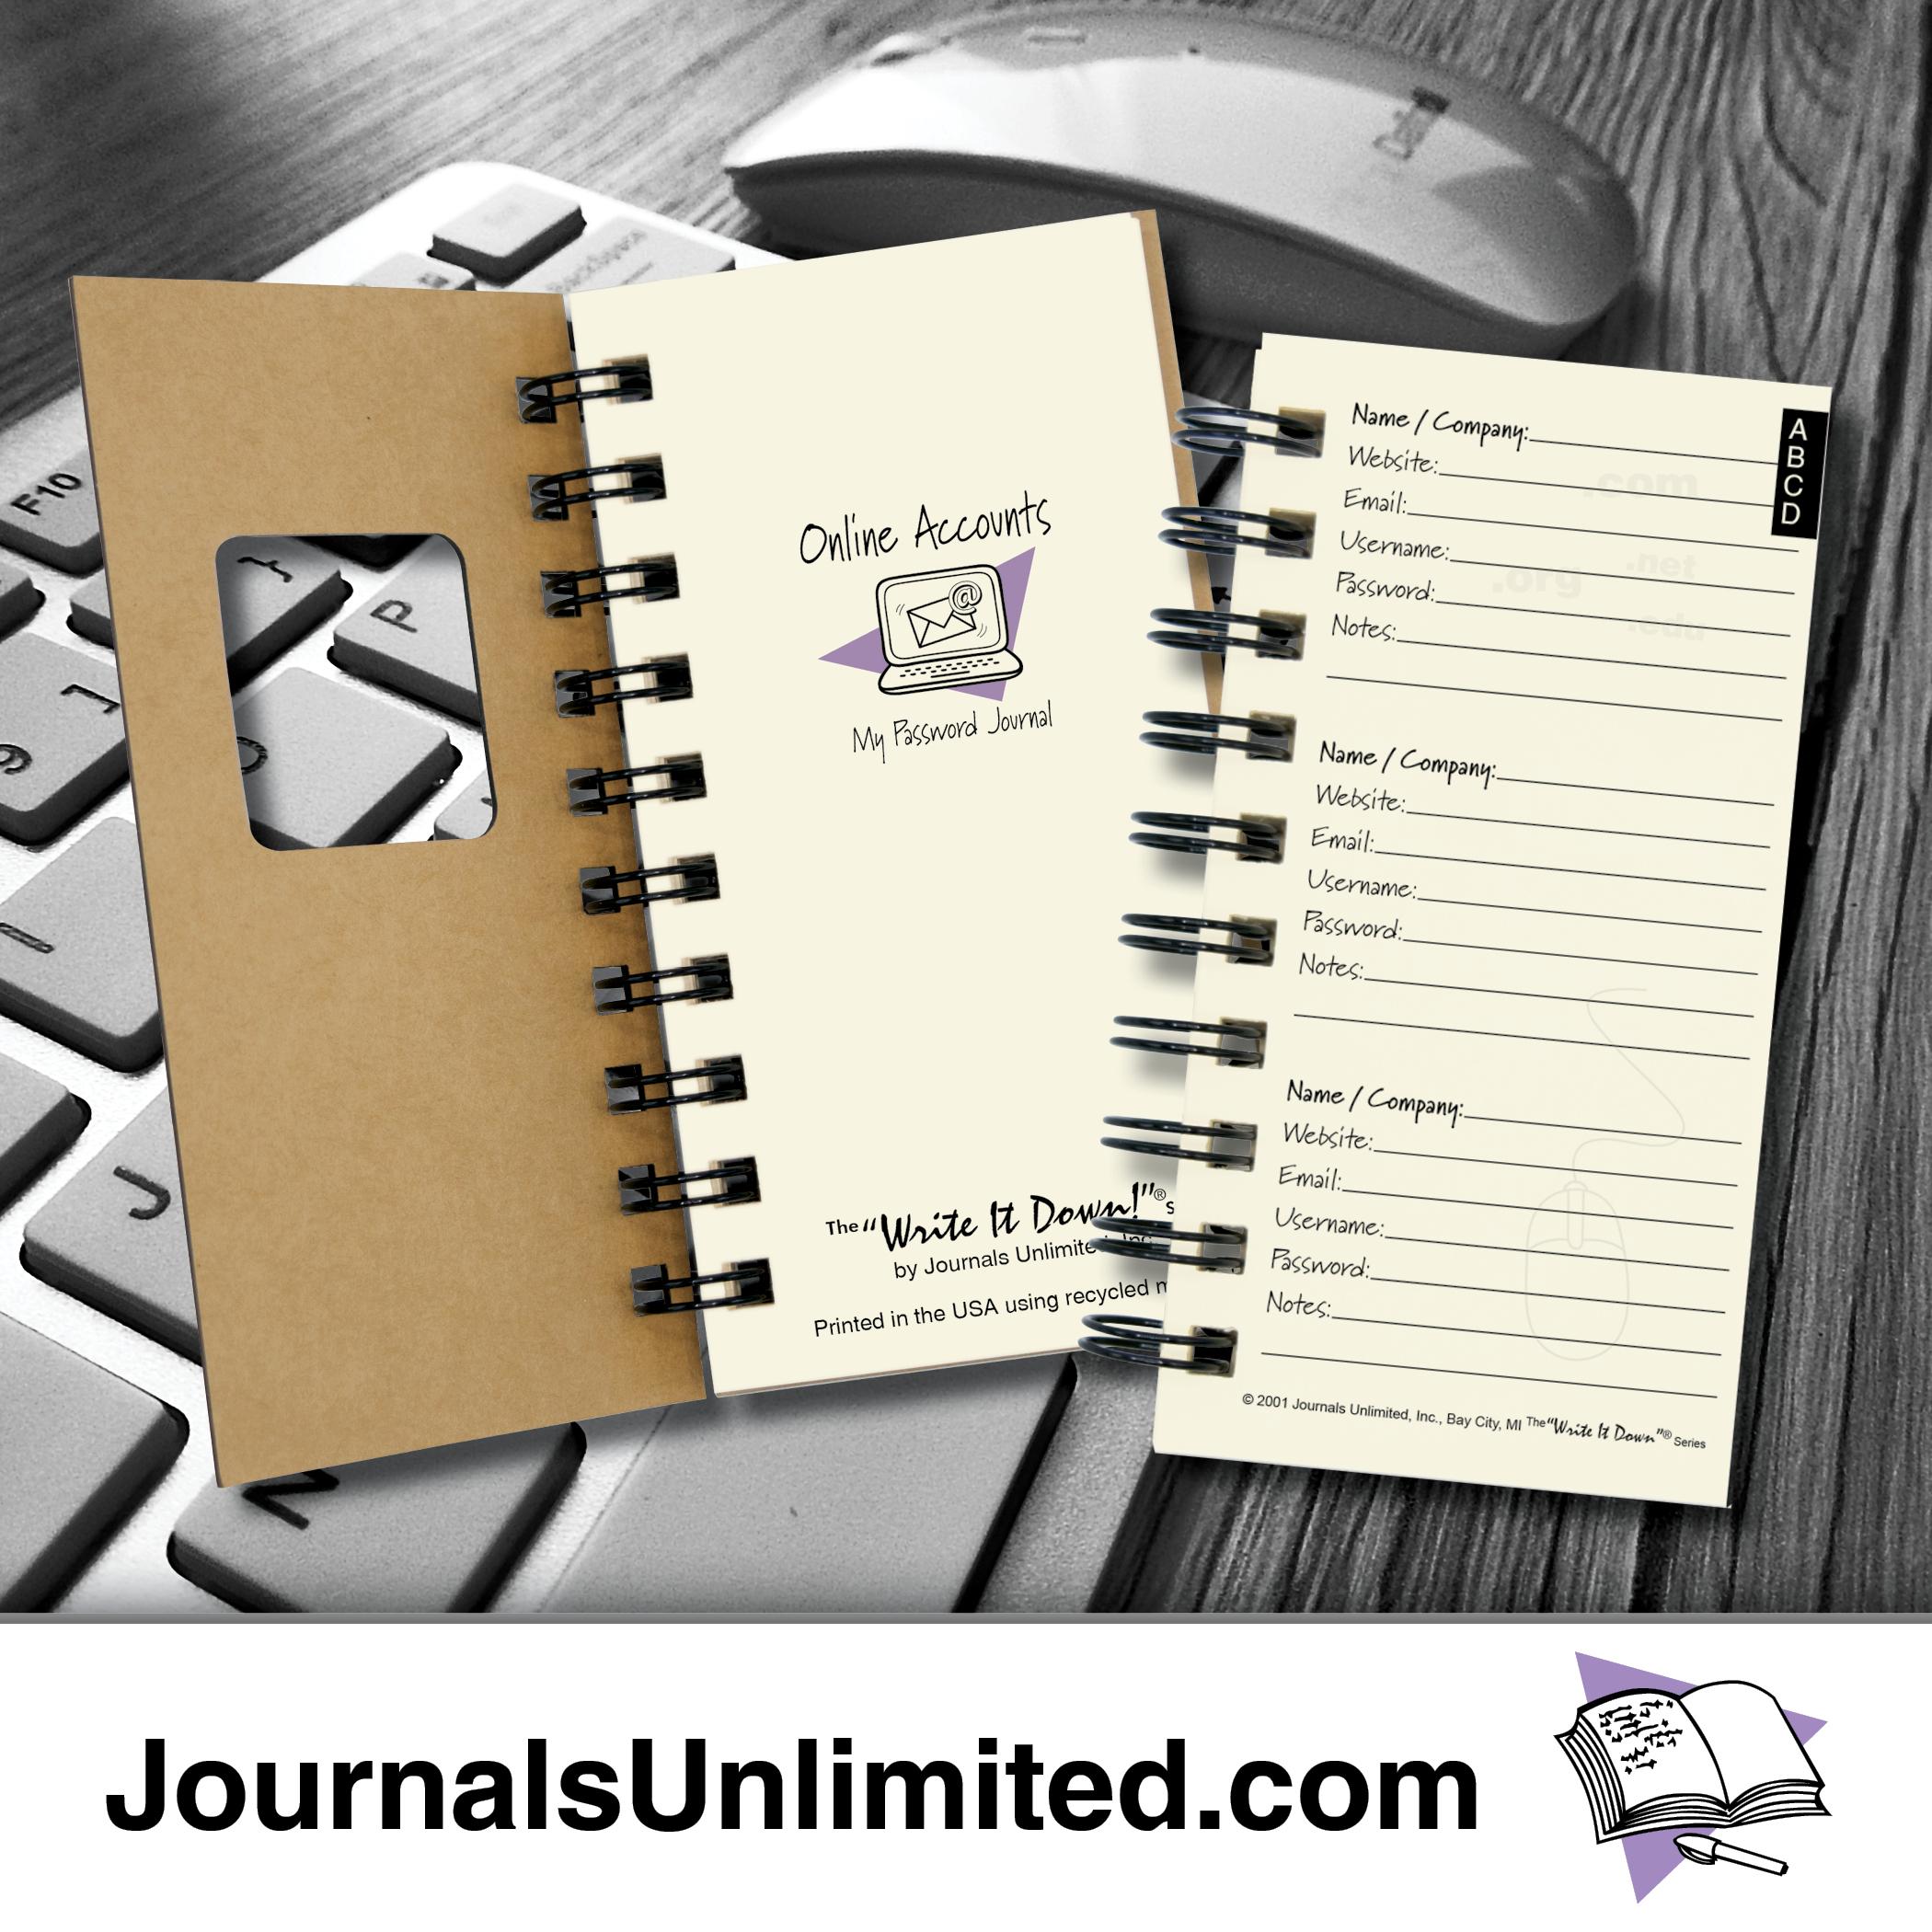 Password Journal Just 19 97: Online Accounts, My Password Mini Journal